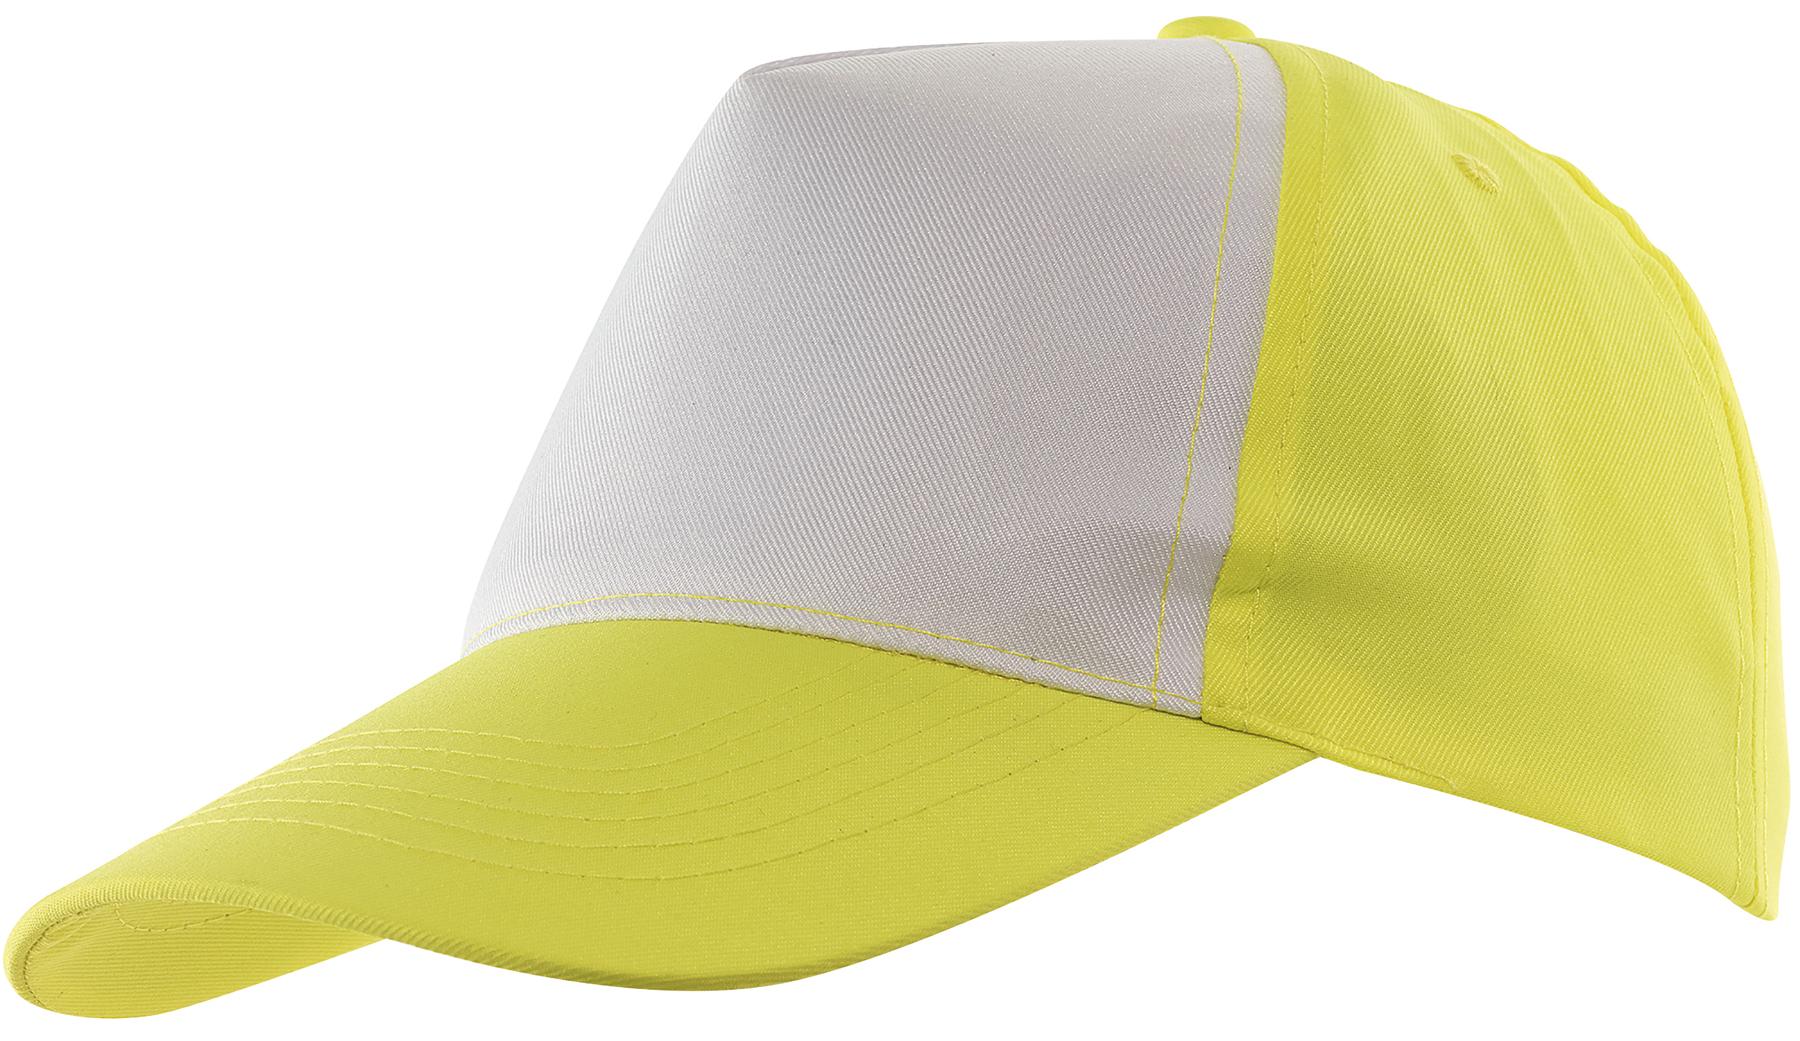 5 segmentowa czapka SHINY, biały, żółty